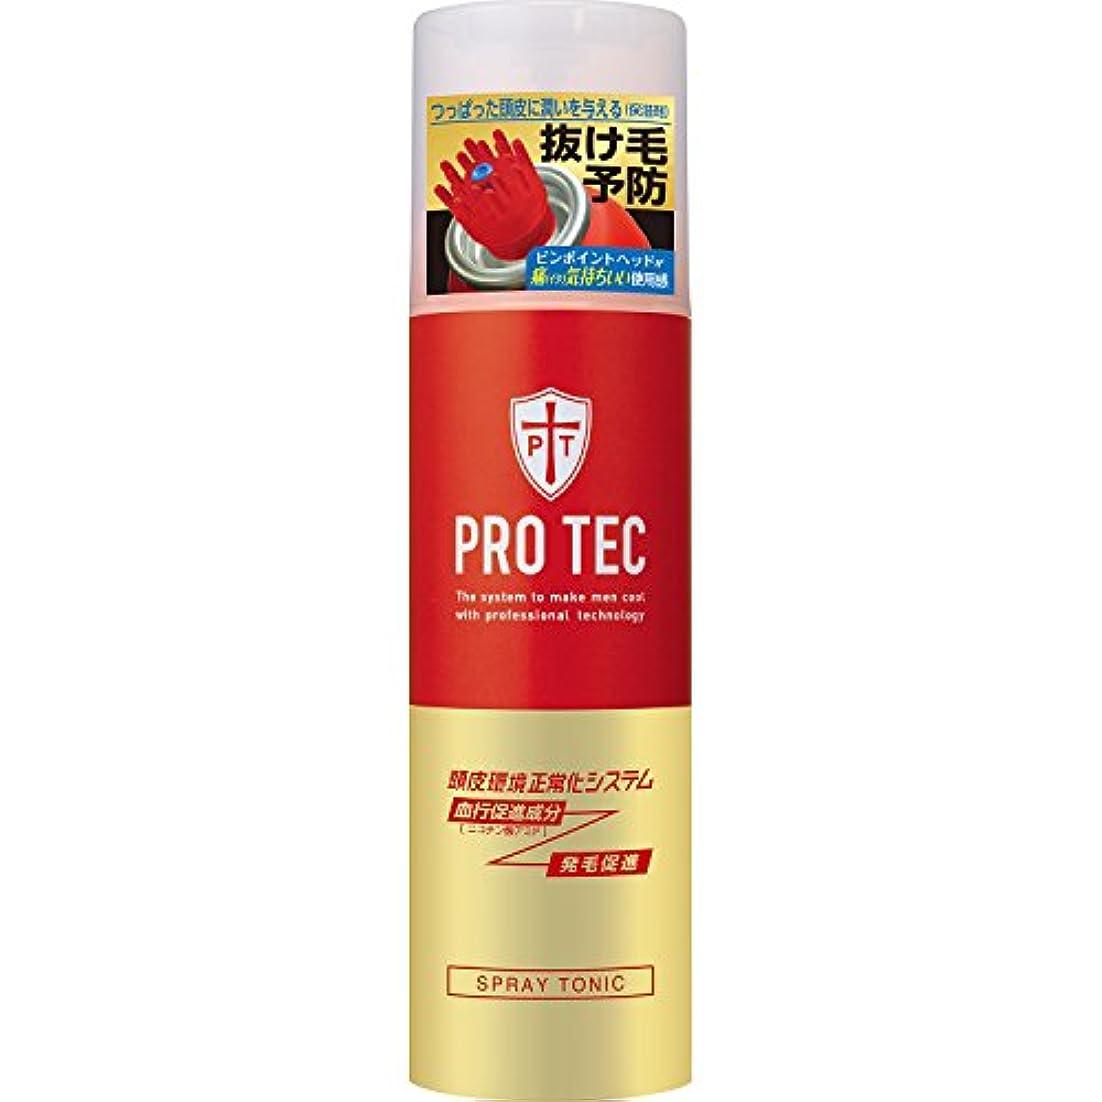 信頼できる性能ホバートPRO TEC(プロテク) スプレートニック 150g(医薬部外品)